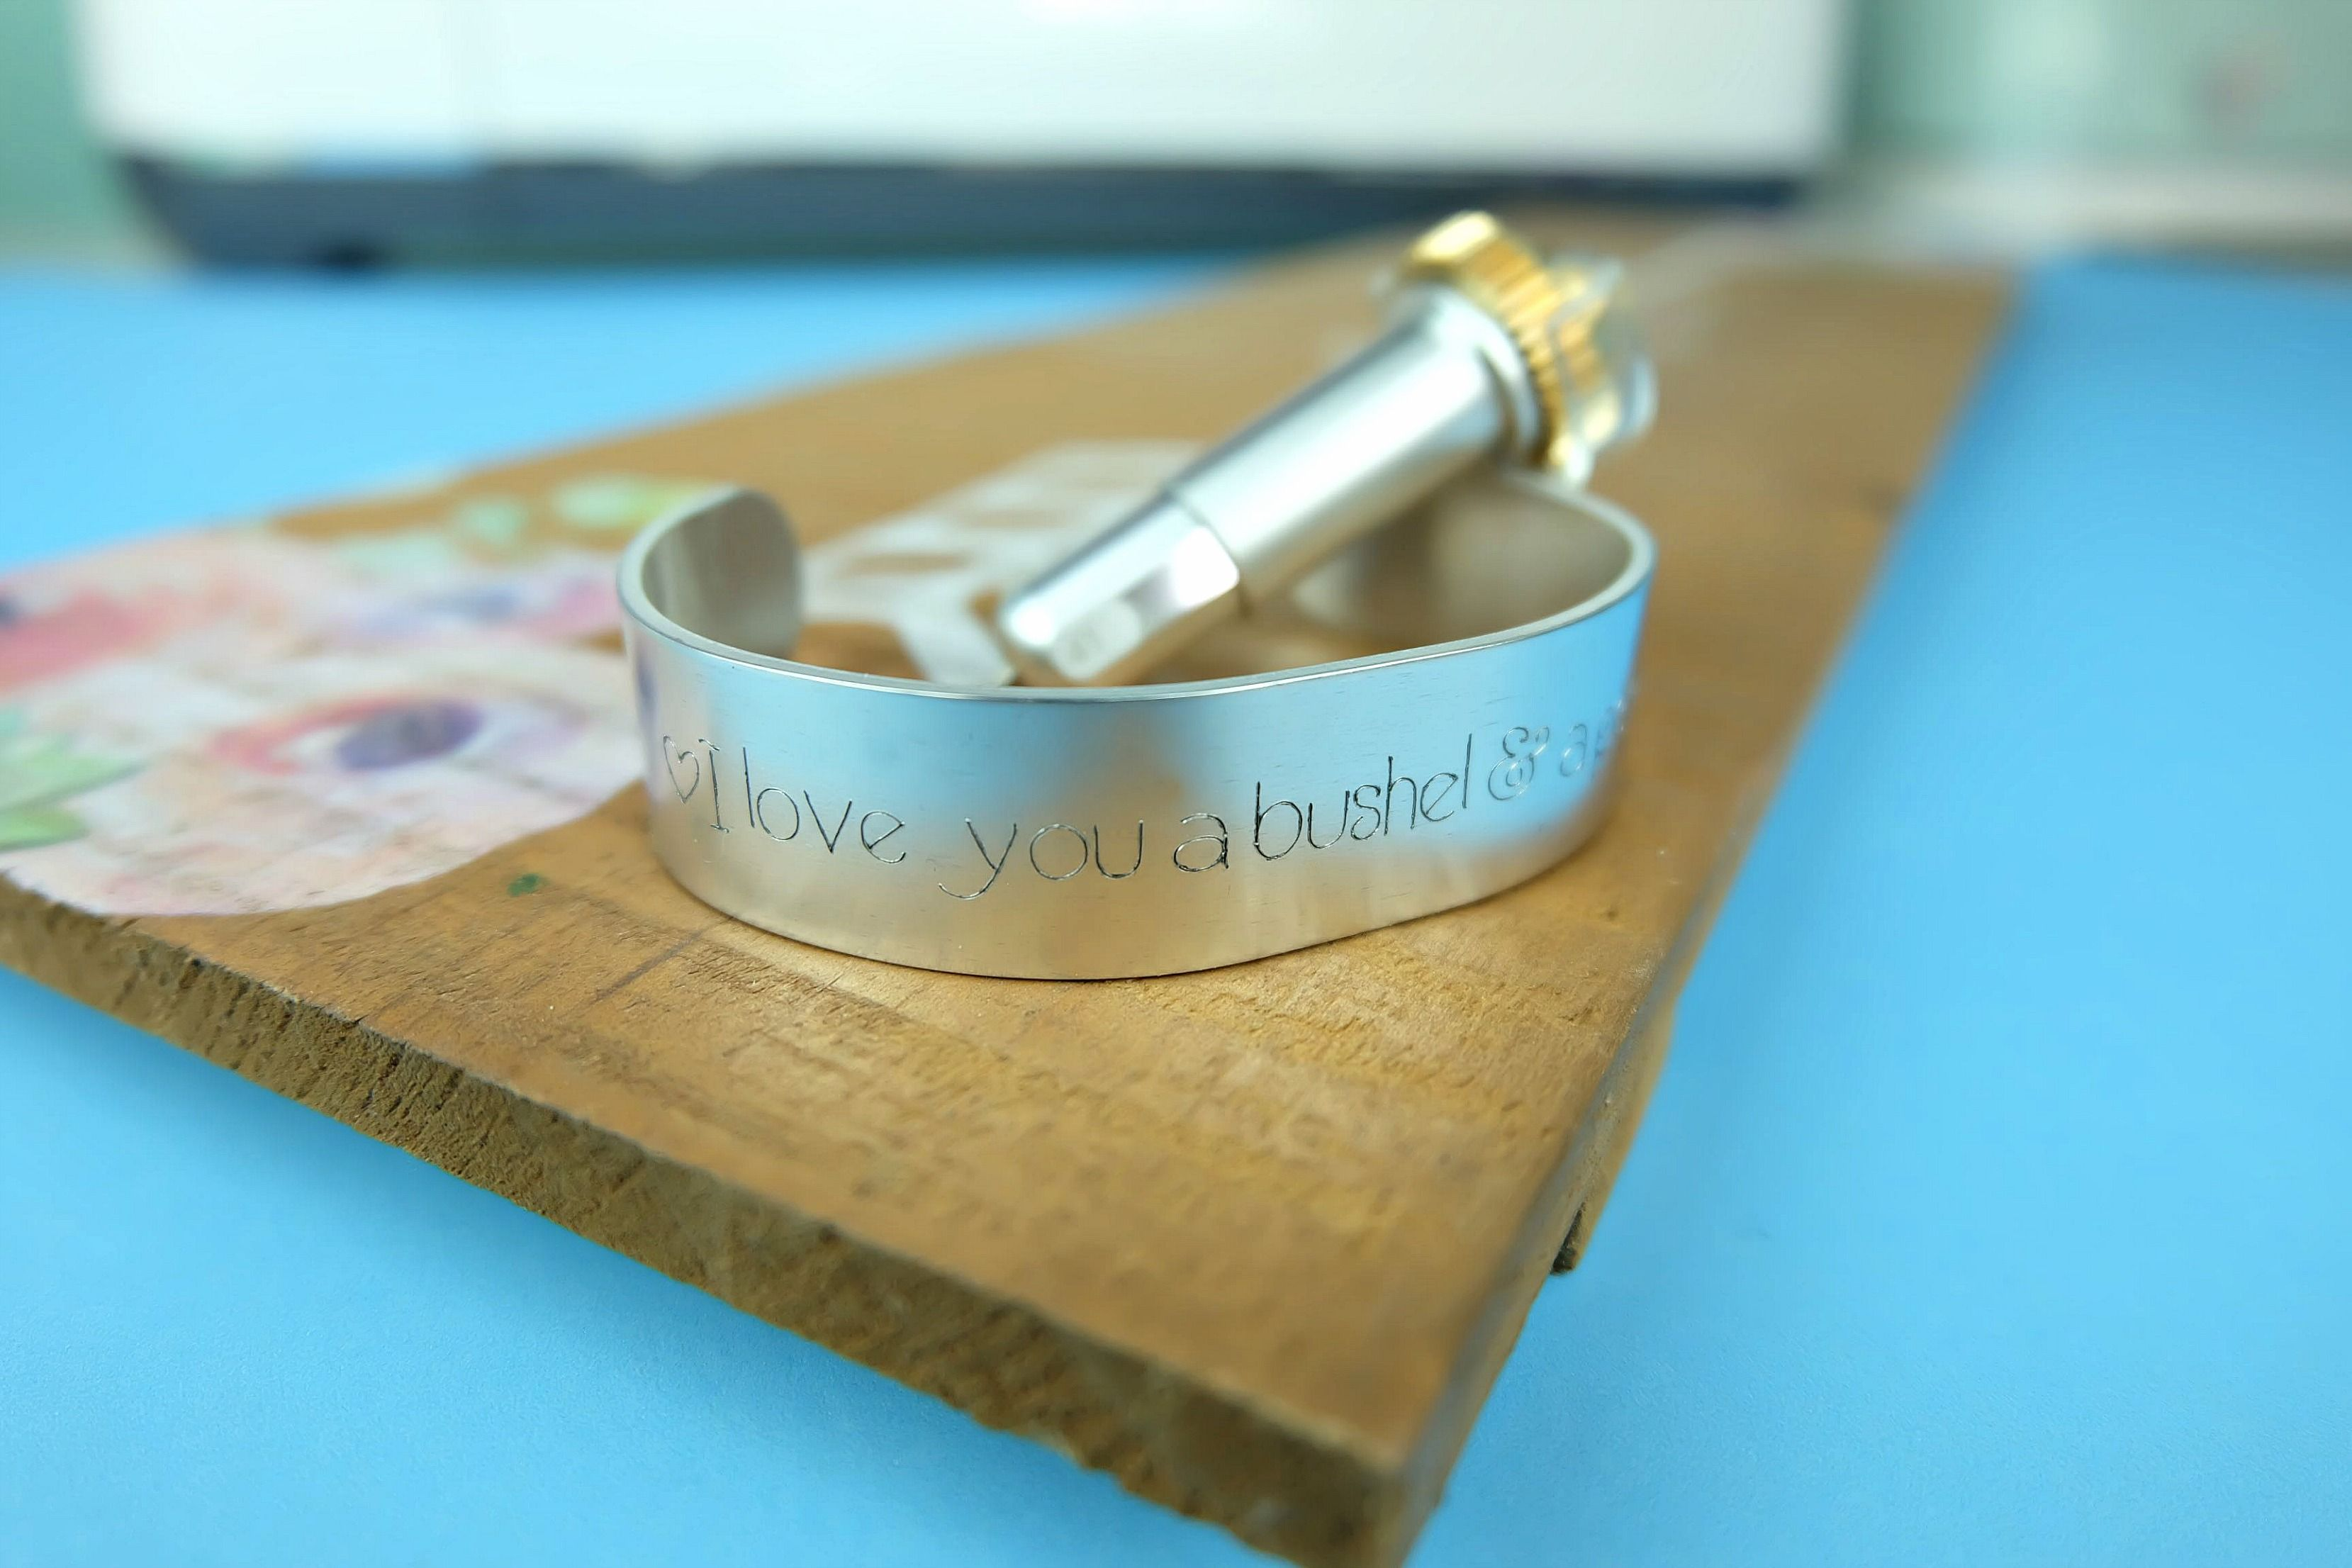 Diy engraved quote bracelet 10 minute cricut project